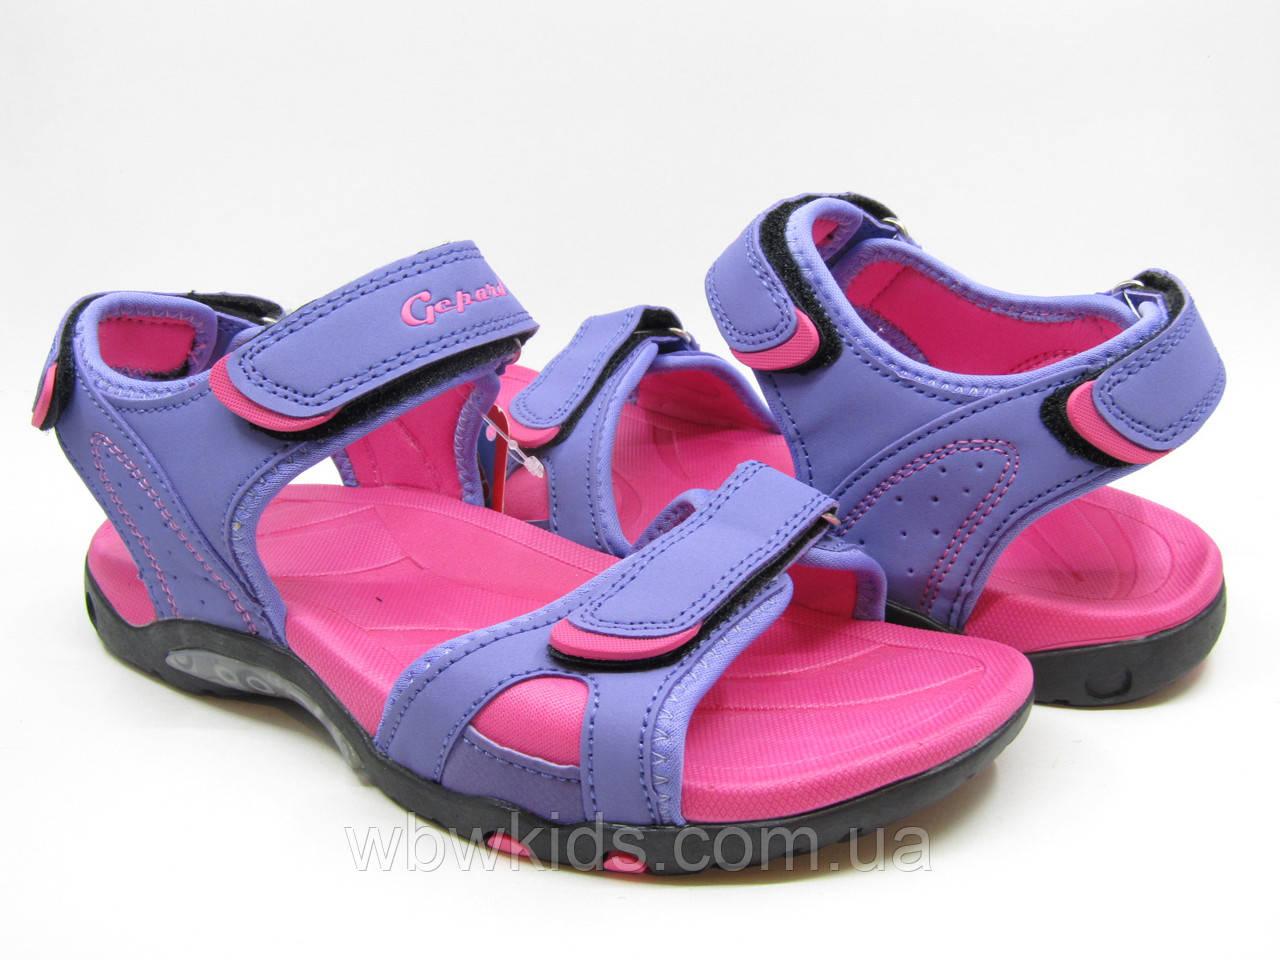 Сандалии подростковые Gepard  на девочку фиолетово-розовые 36